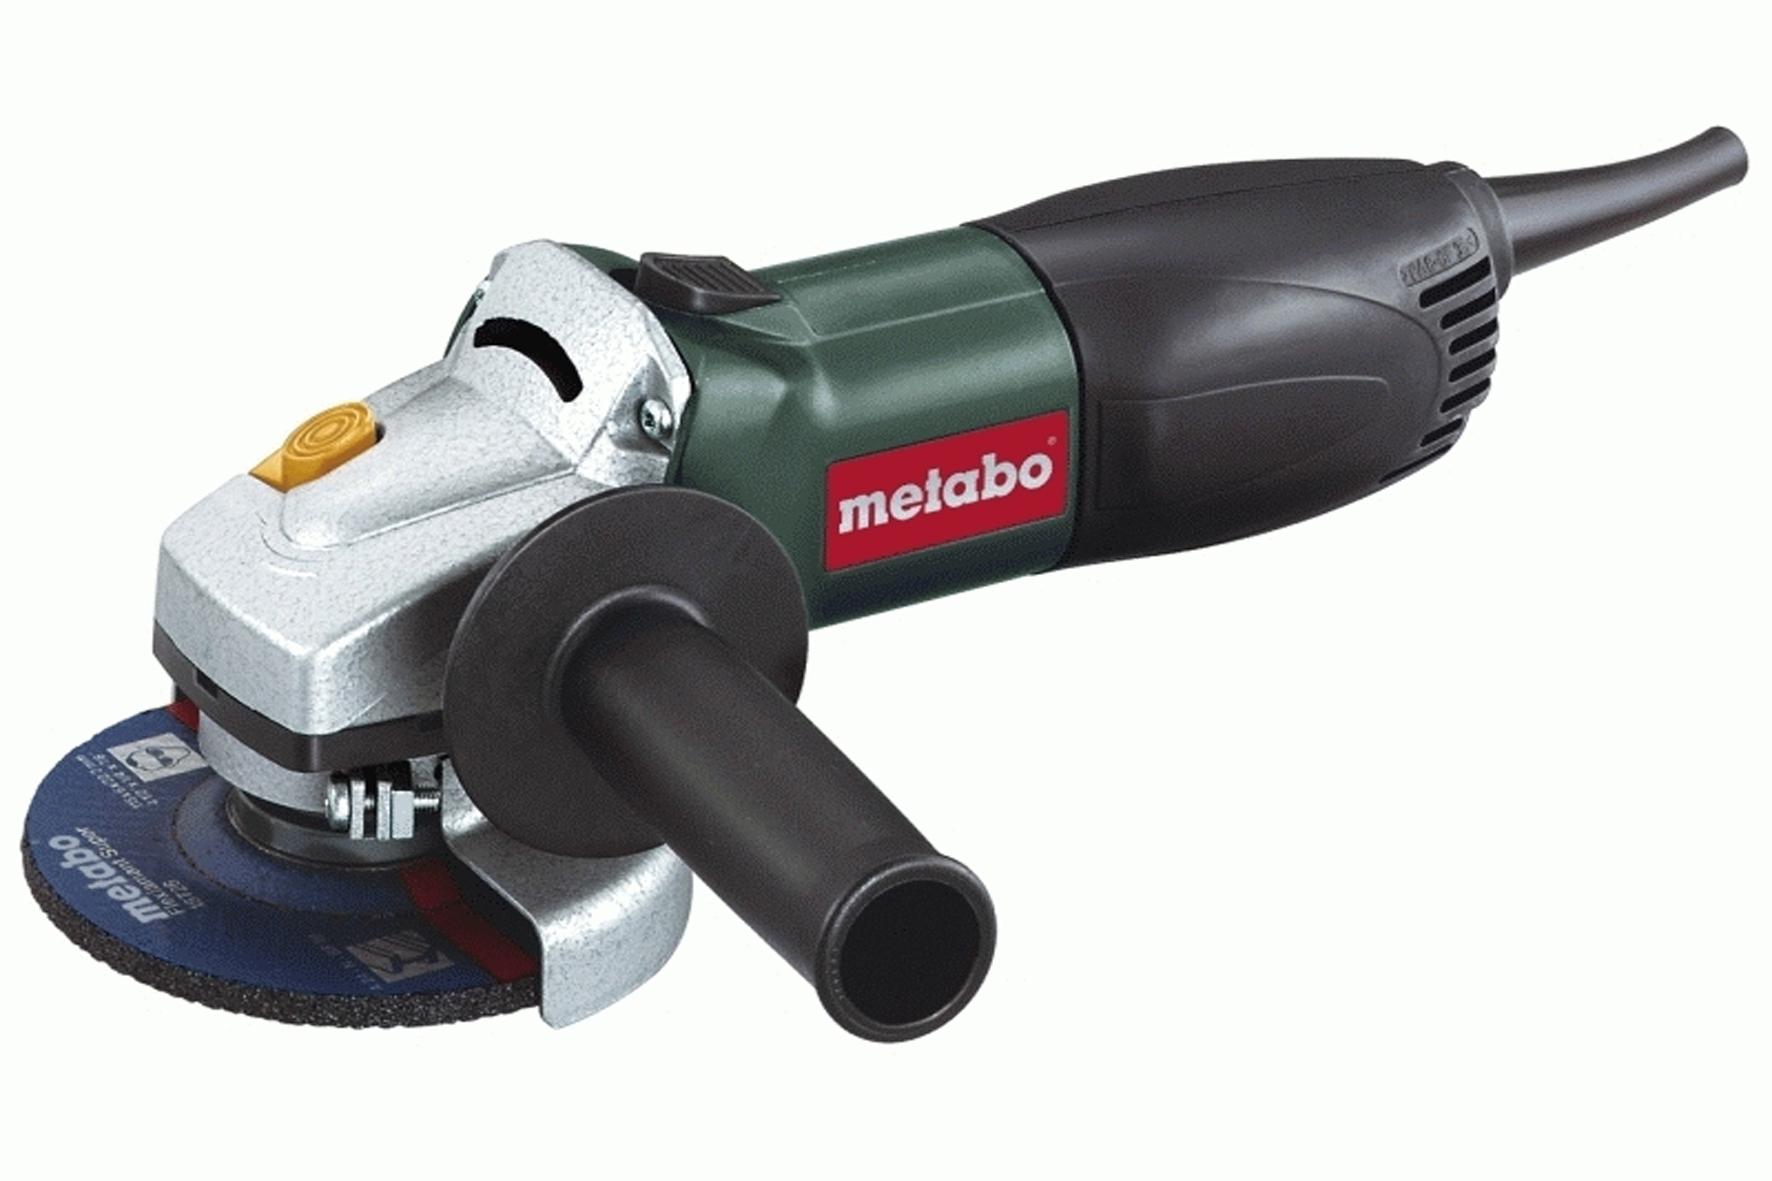 Disqueuse Metabo Wq 1000 125 Quick Promo Achat En Ligne